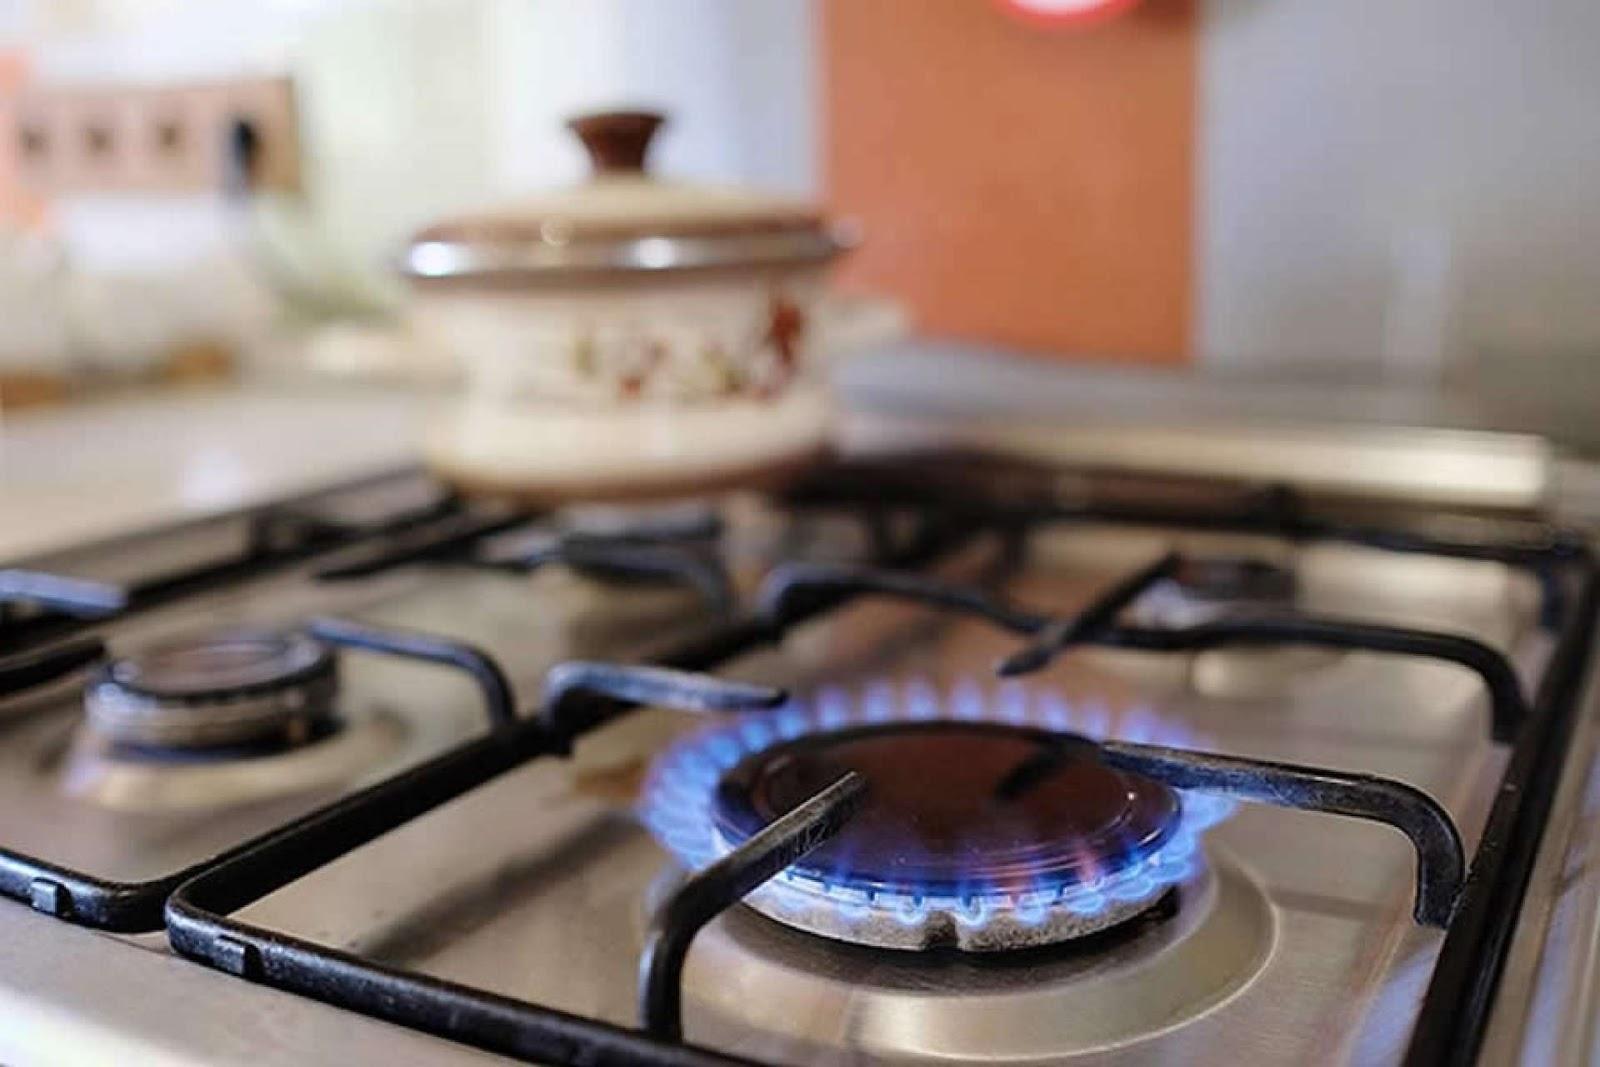 Petrobras aumenta preço do botijão de gás de cozinha em 8,5%